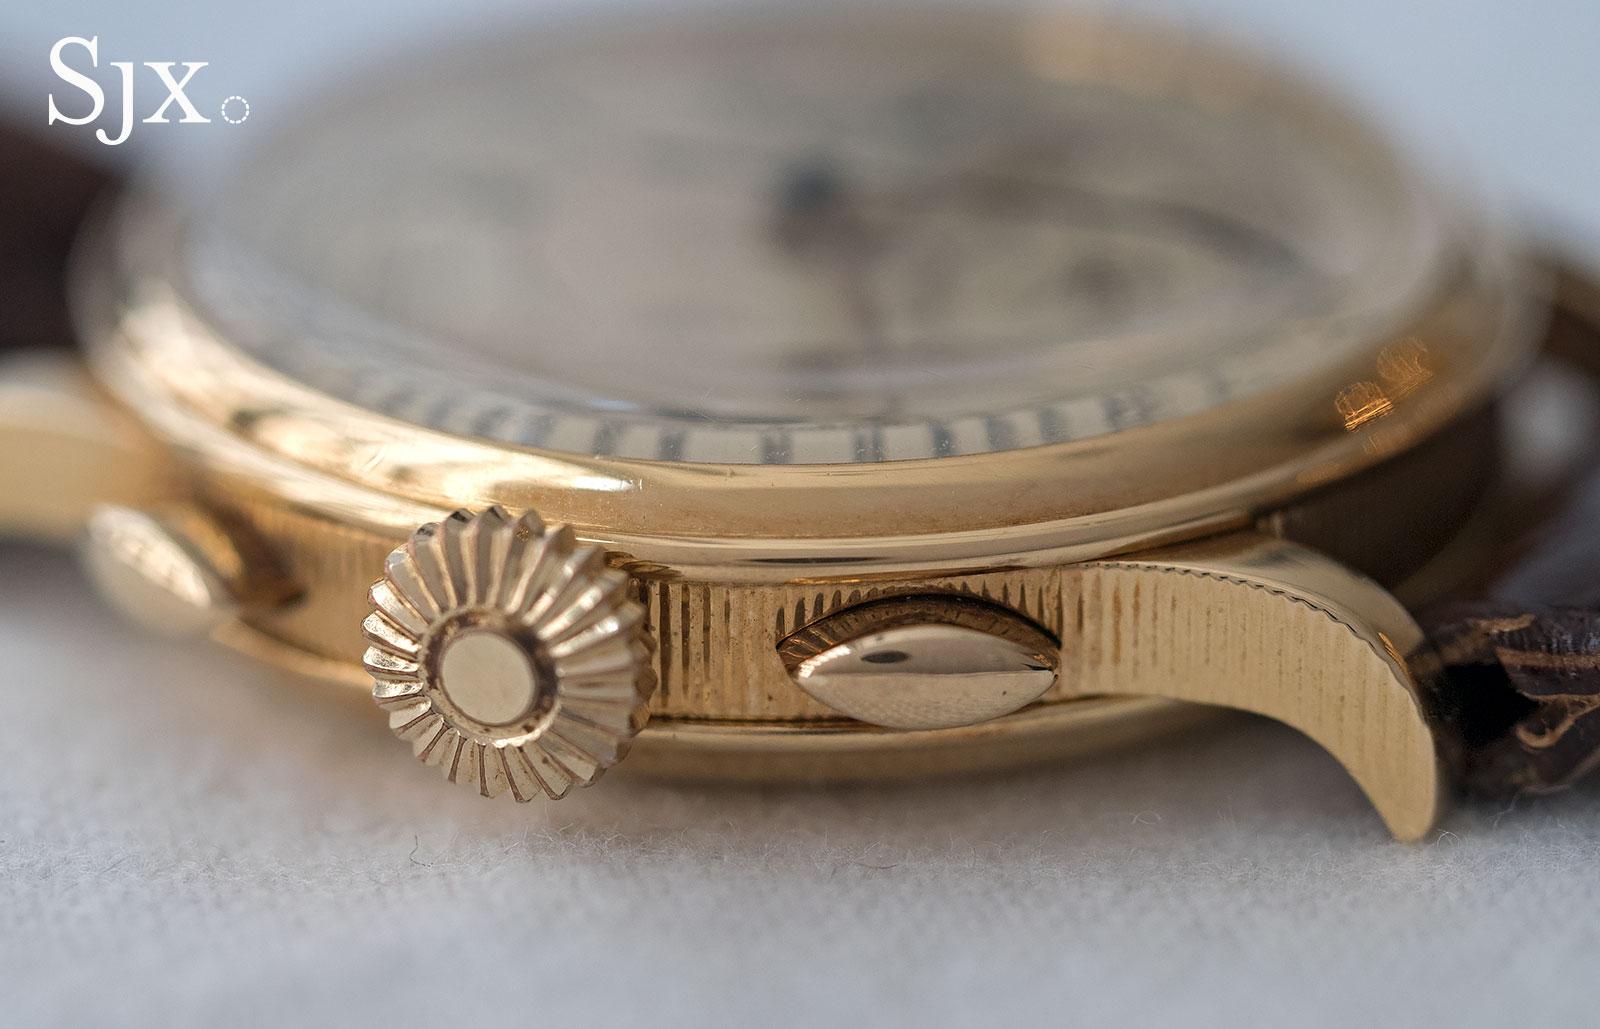 Breguet chronograph sector dial 7